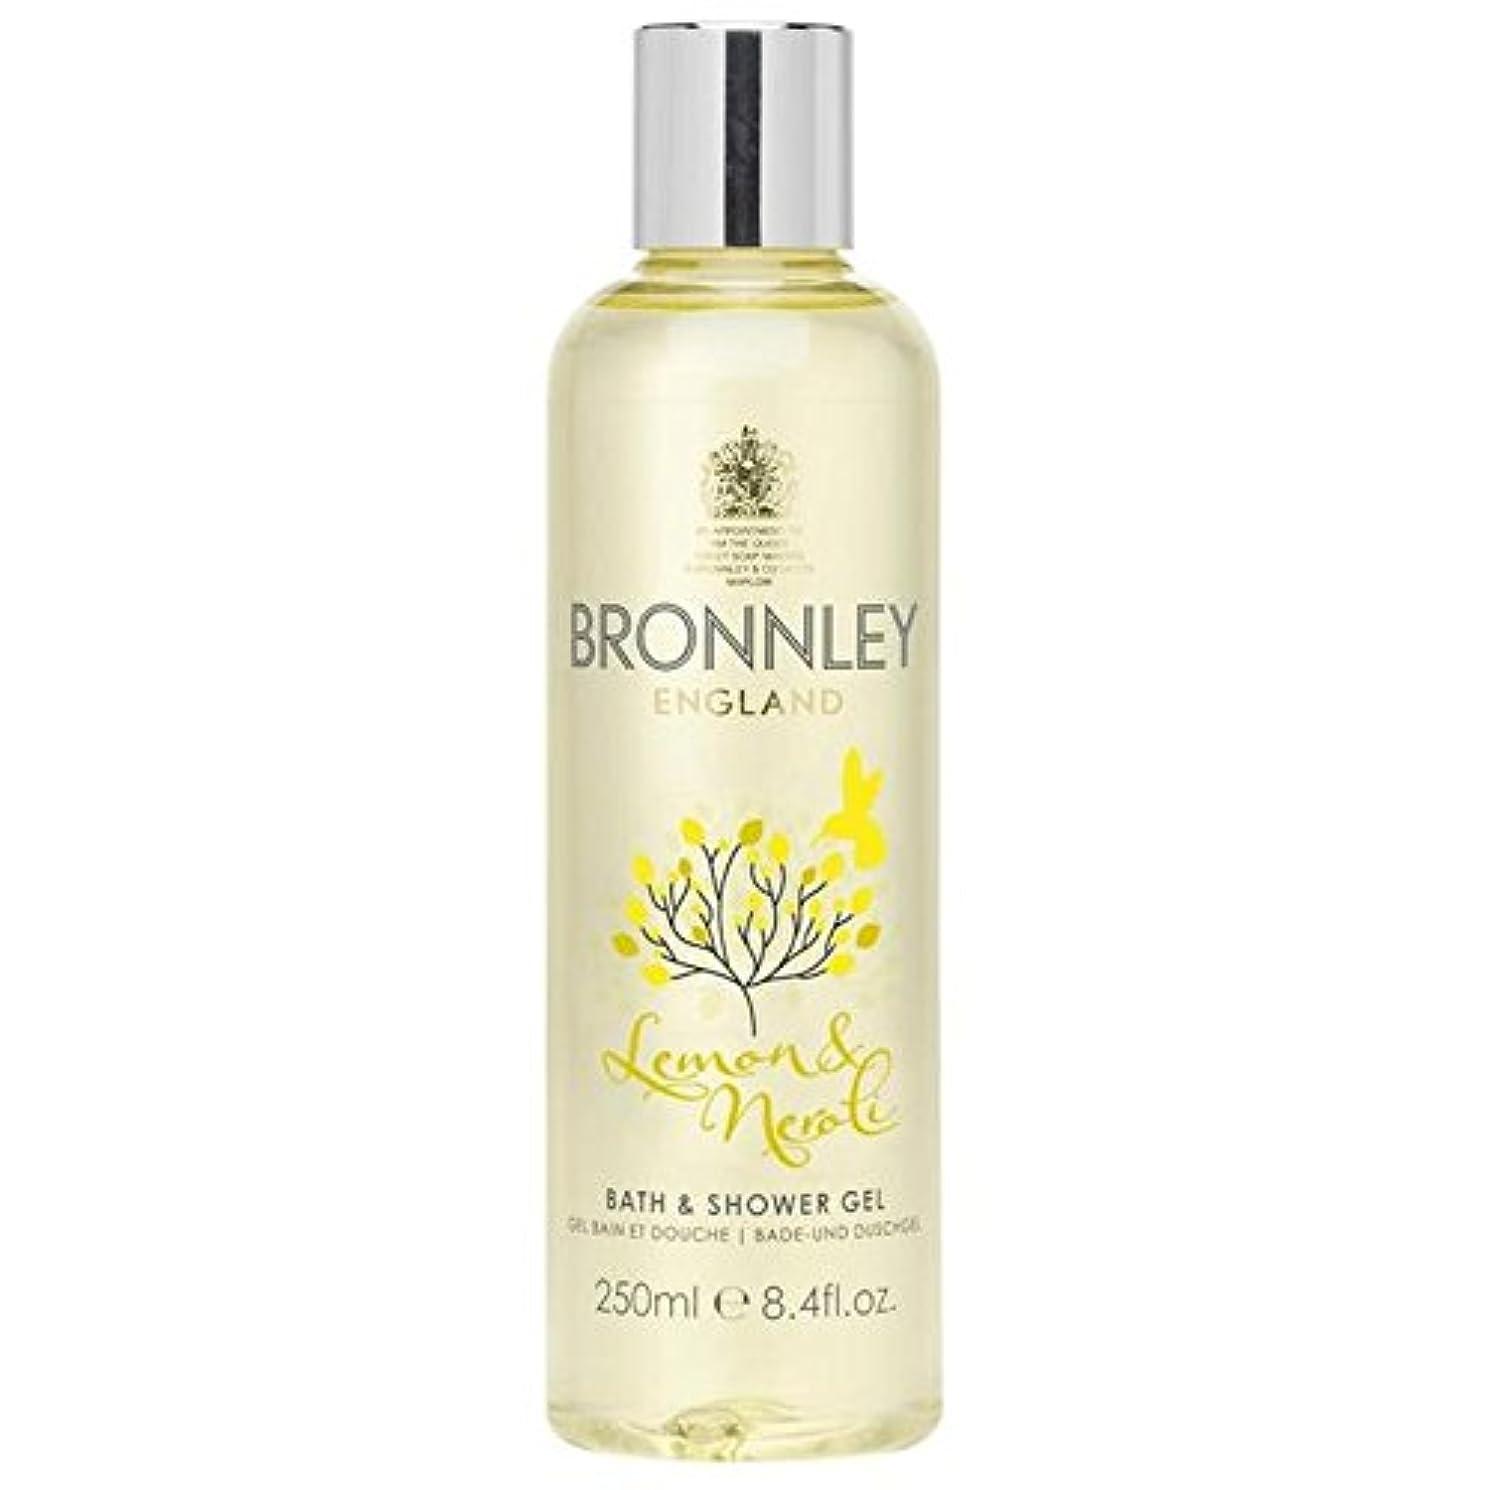 評価可能オペレーター小康Bronnley Lemon & Neroli Bath & Shower Gel 250ml (Pack of 6) - レモン&ネロリバス&シャワージェル250ミリリットル x6 [並行輸入品]